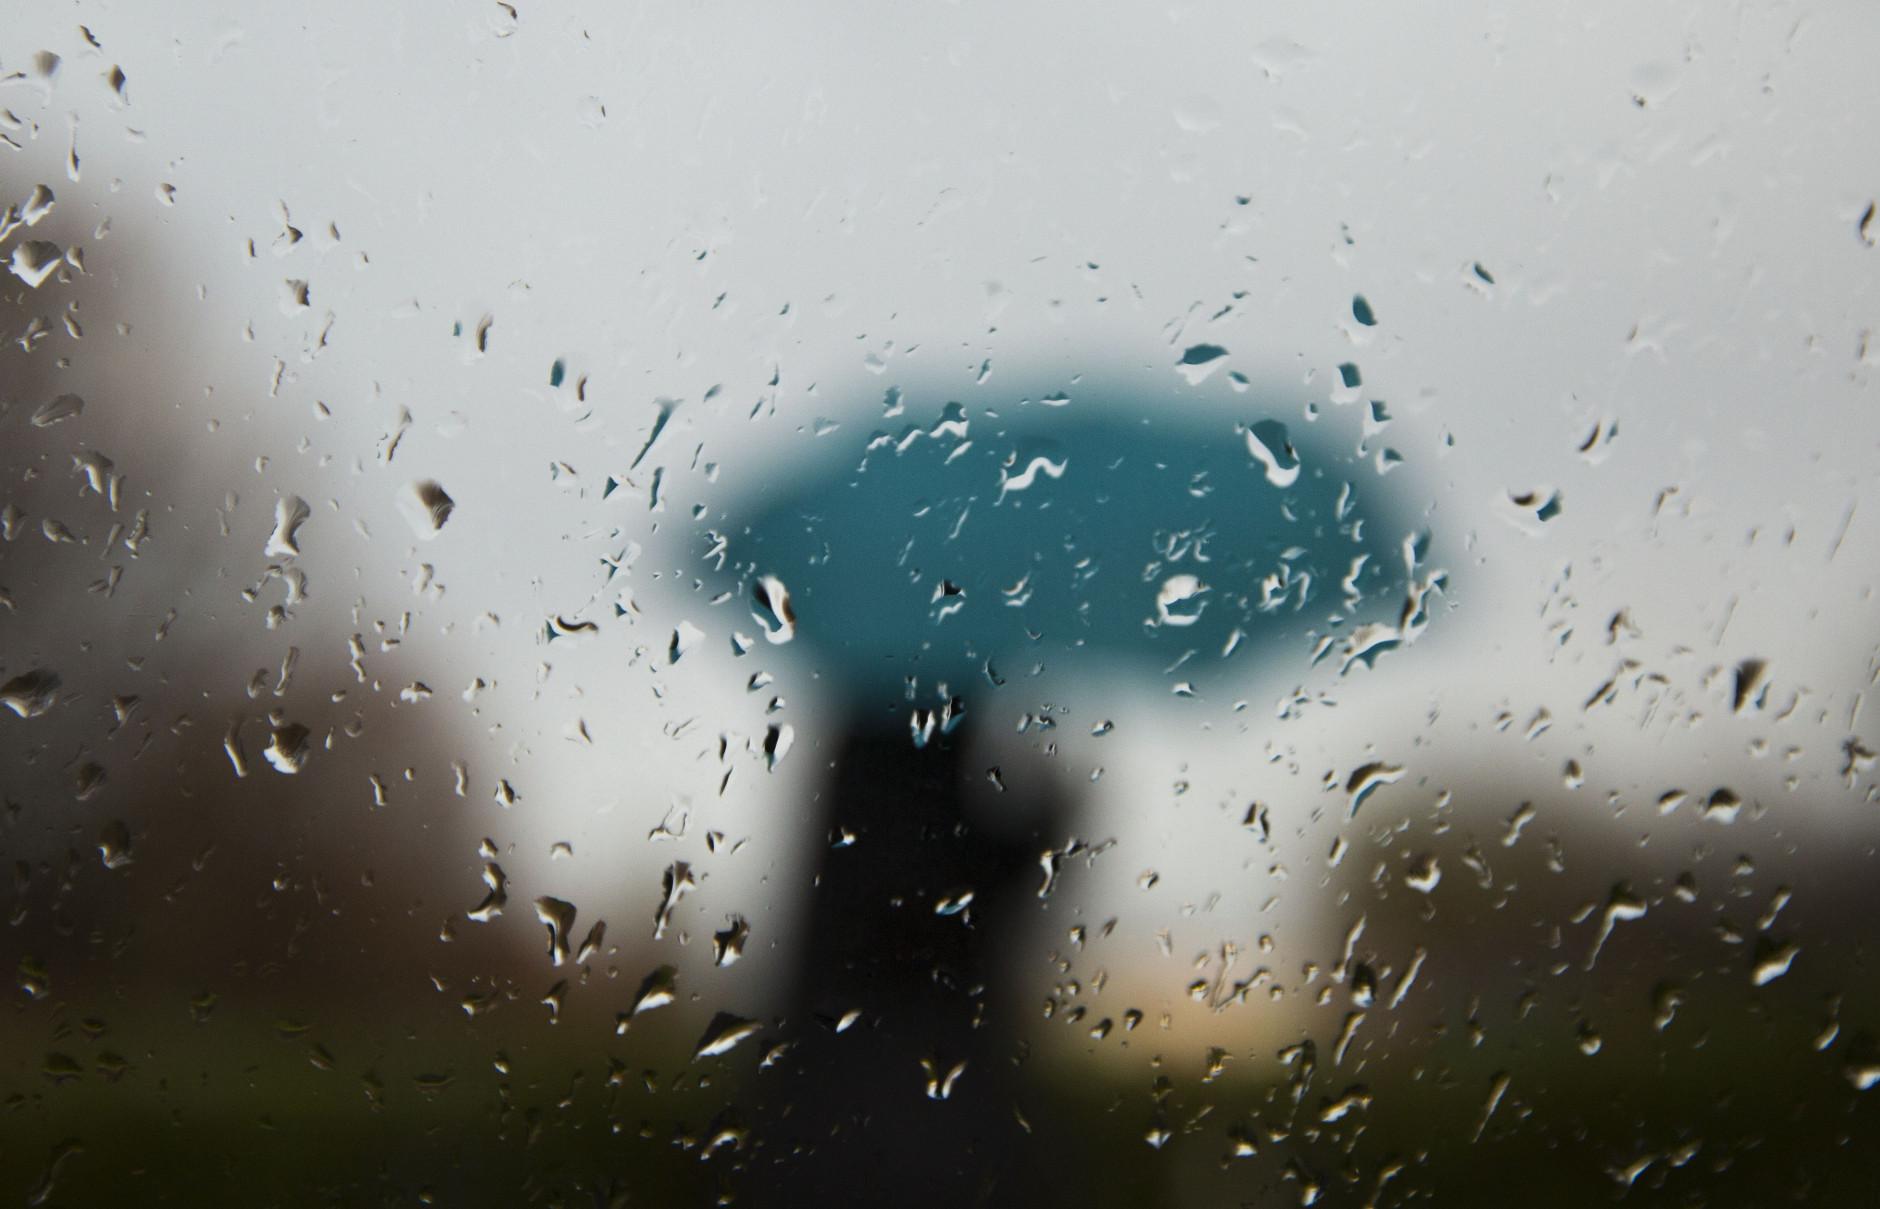 Washington sets rainy-day record